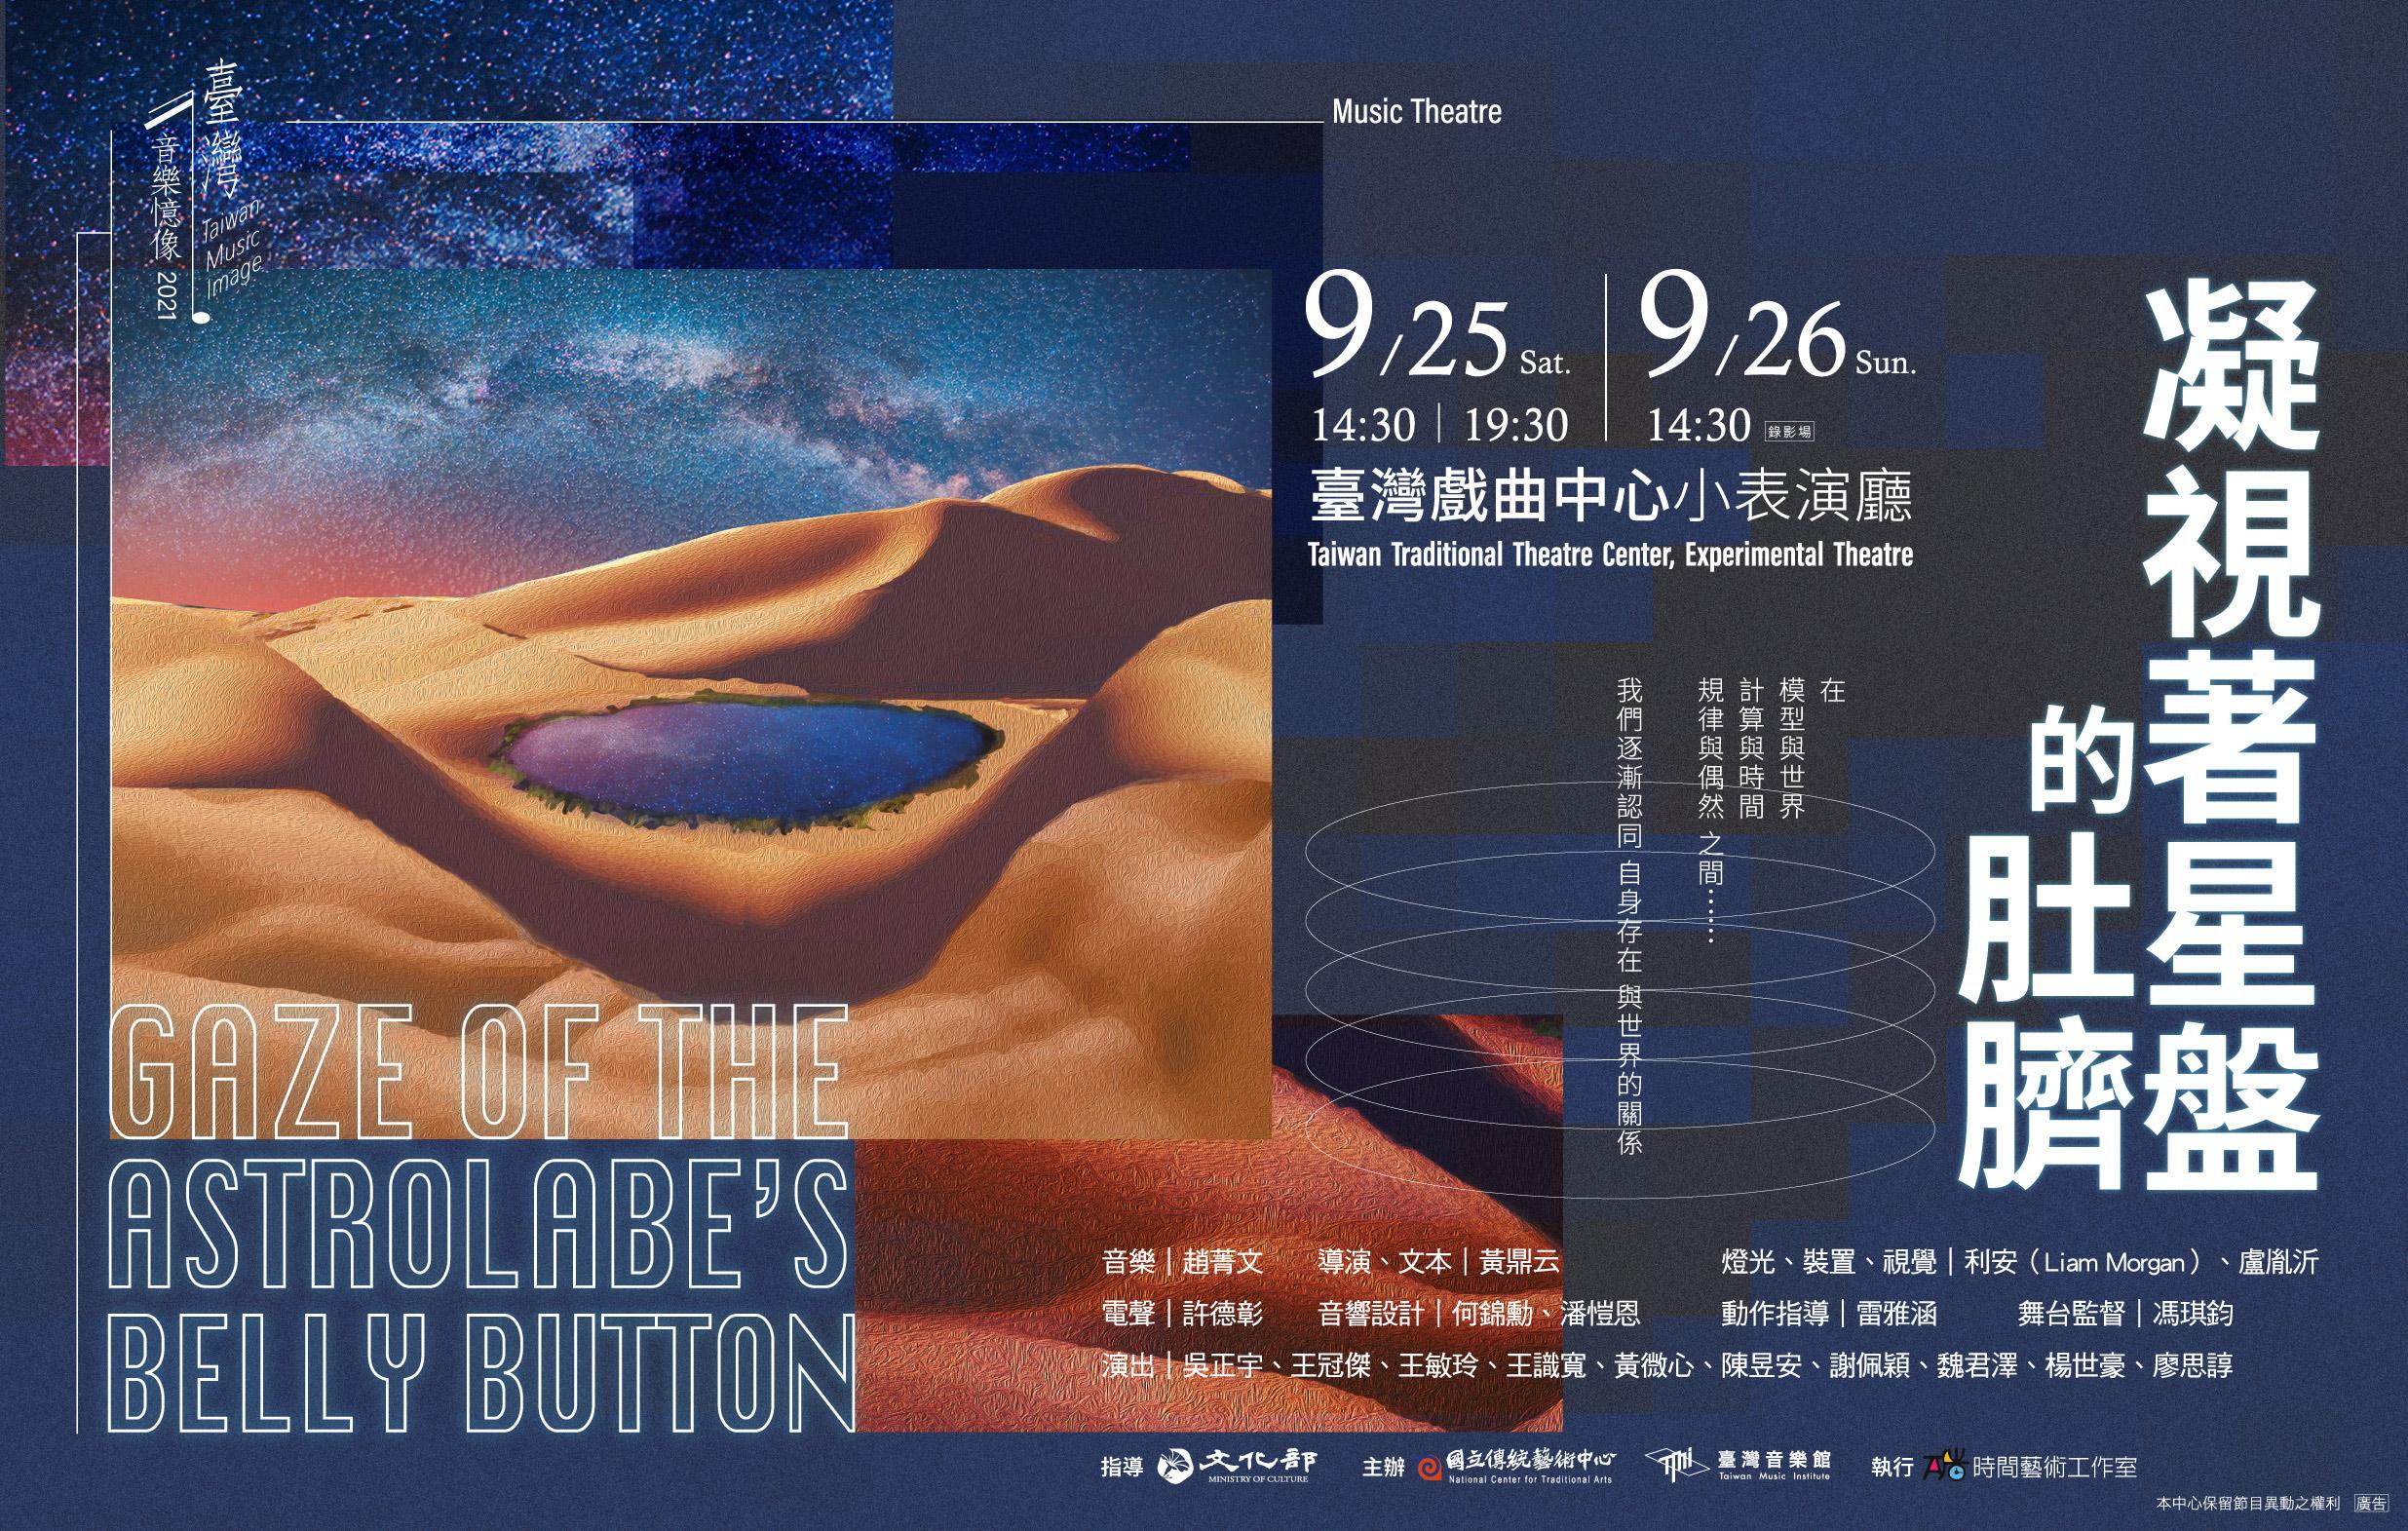 《凝視著星盤的肚臍》音樂劇場|2021臺灣音樂憶像系列